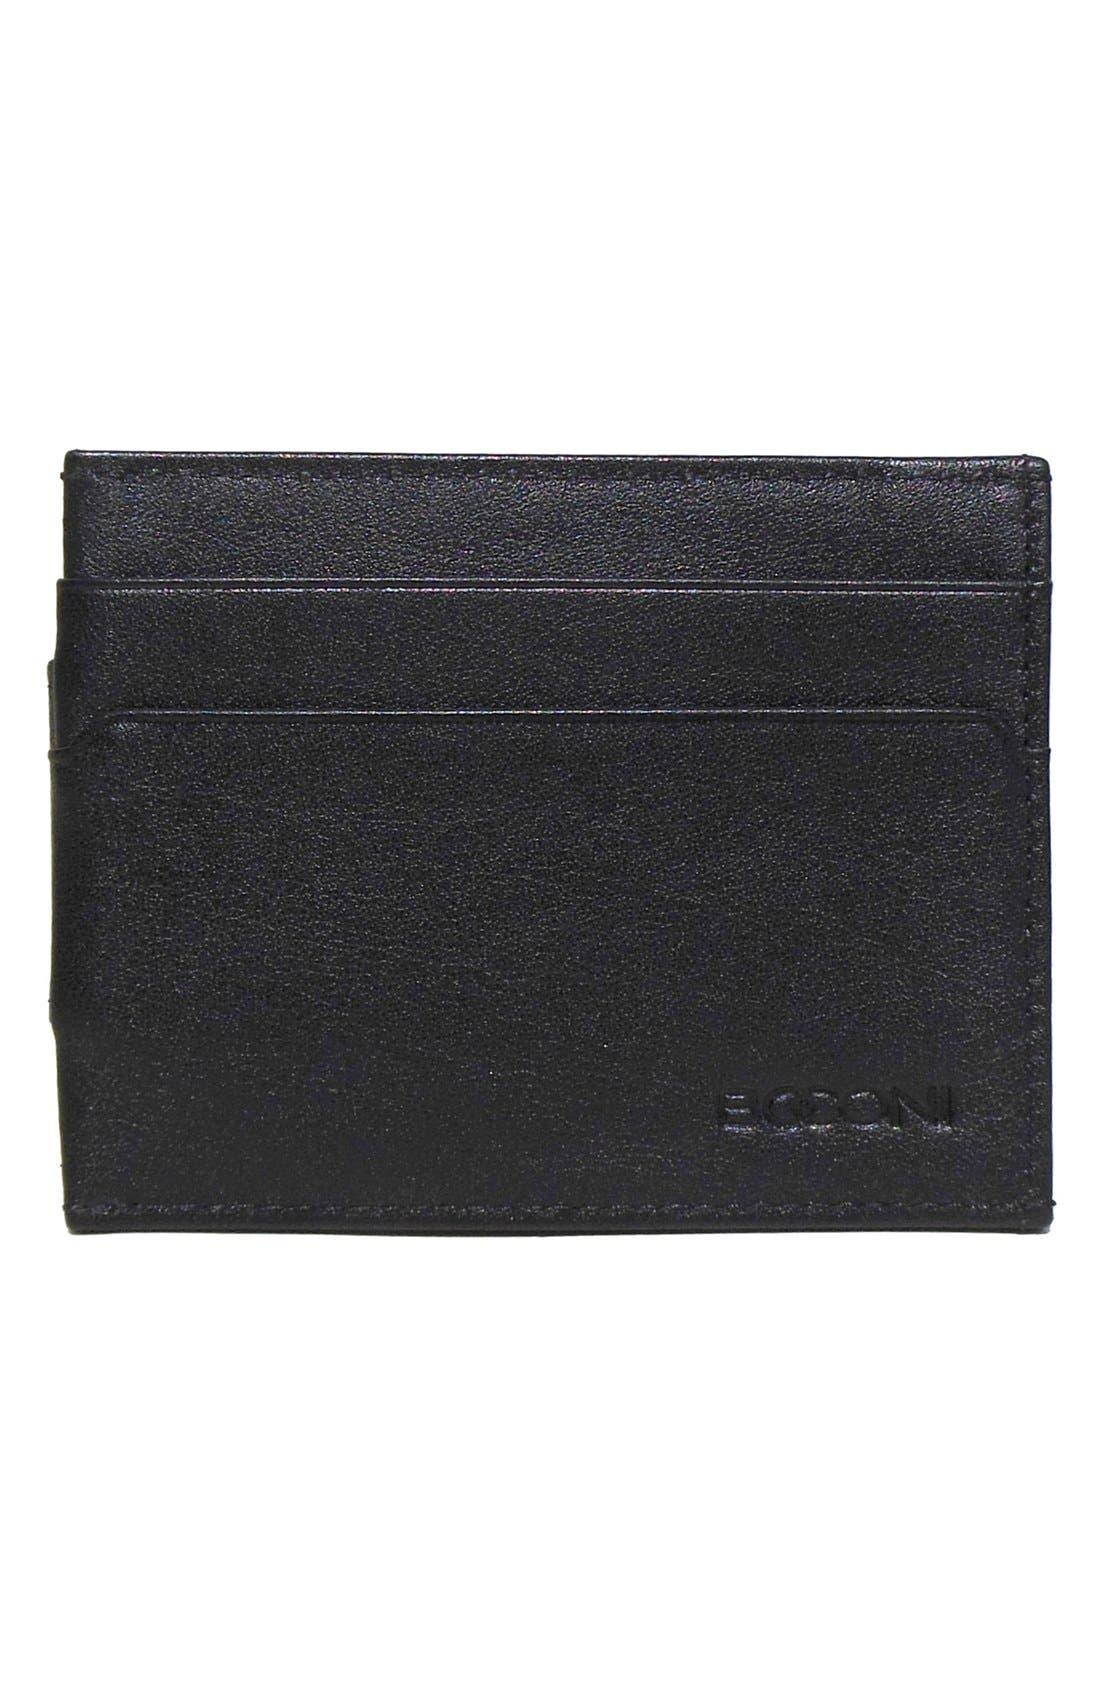 'Grant' Money Clip Card Case,                         Main,                         color, BLACK/ GREY